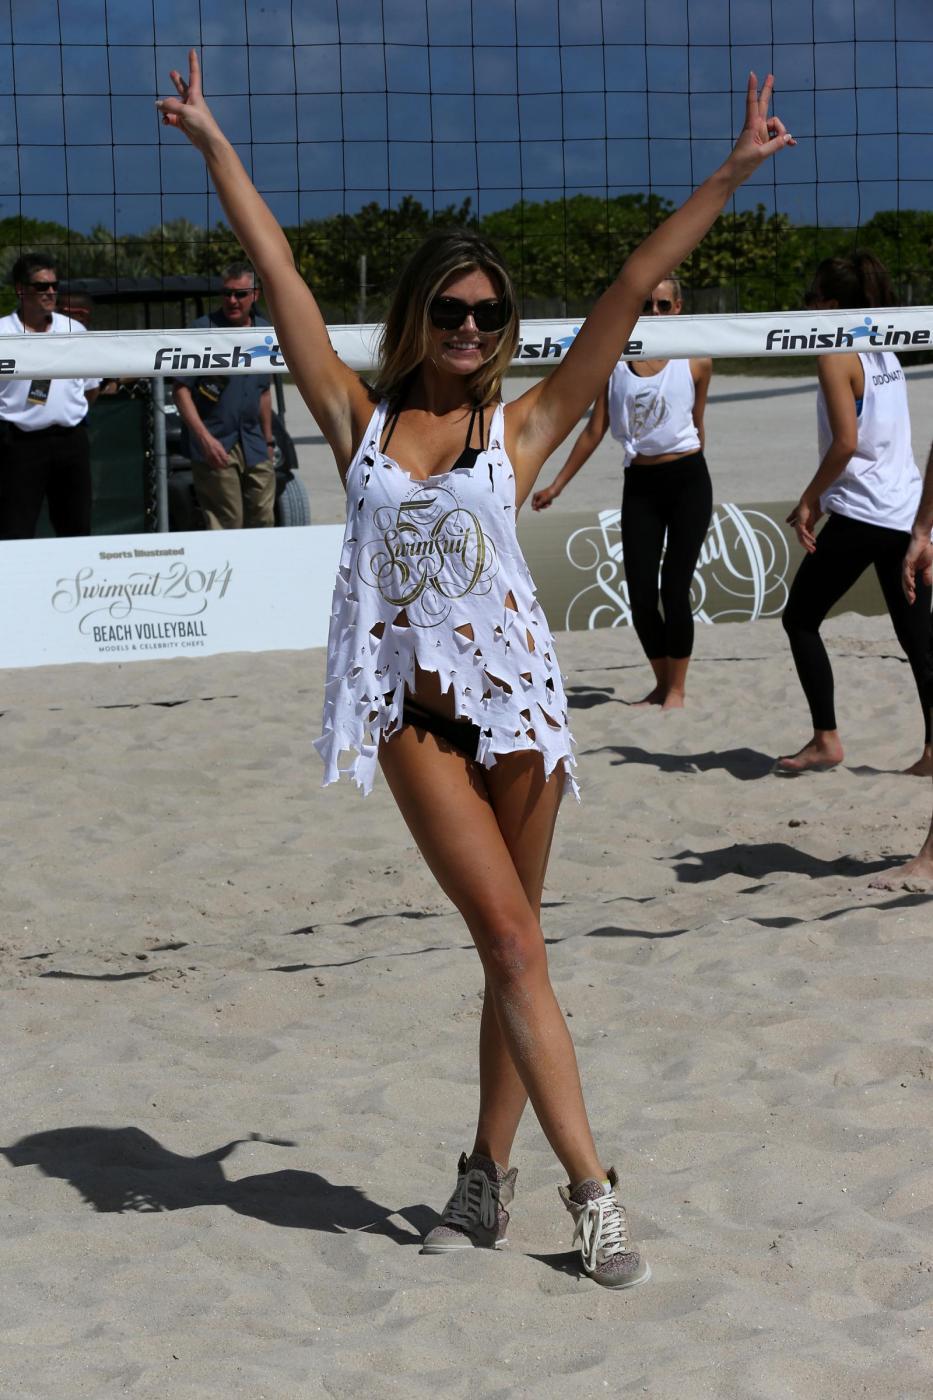 Modelle Sports Illustrated ad un torneo di Beach volley 03